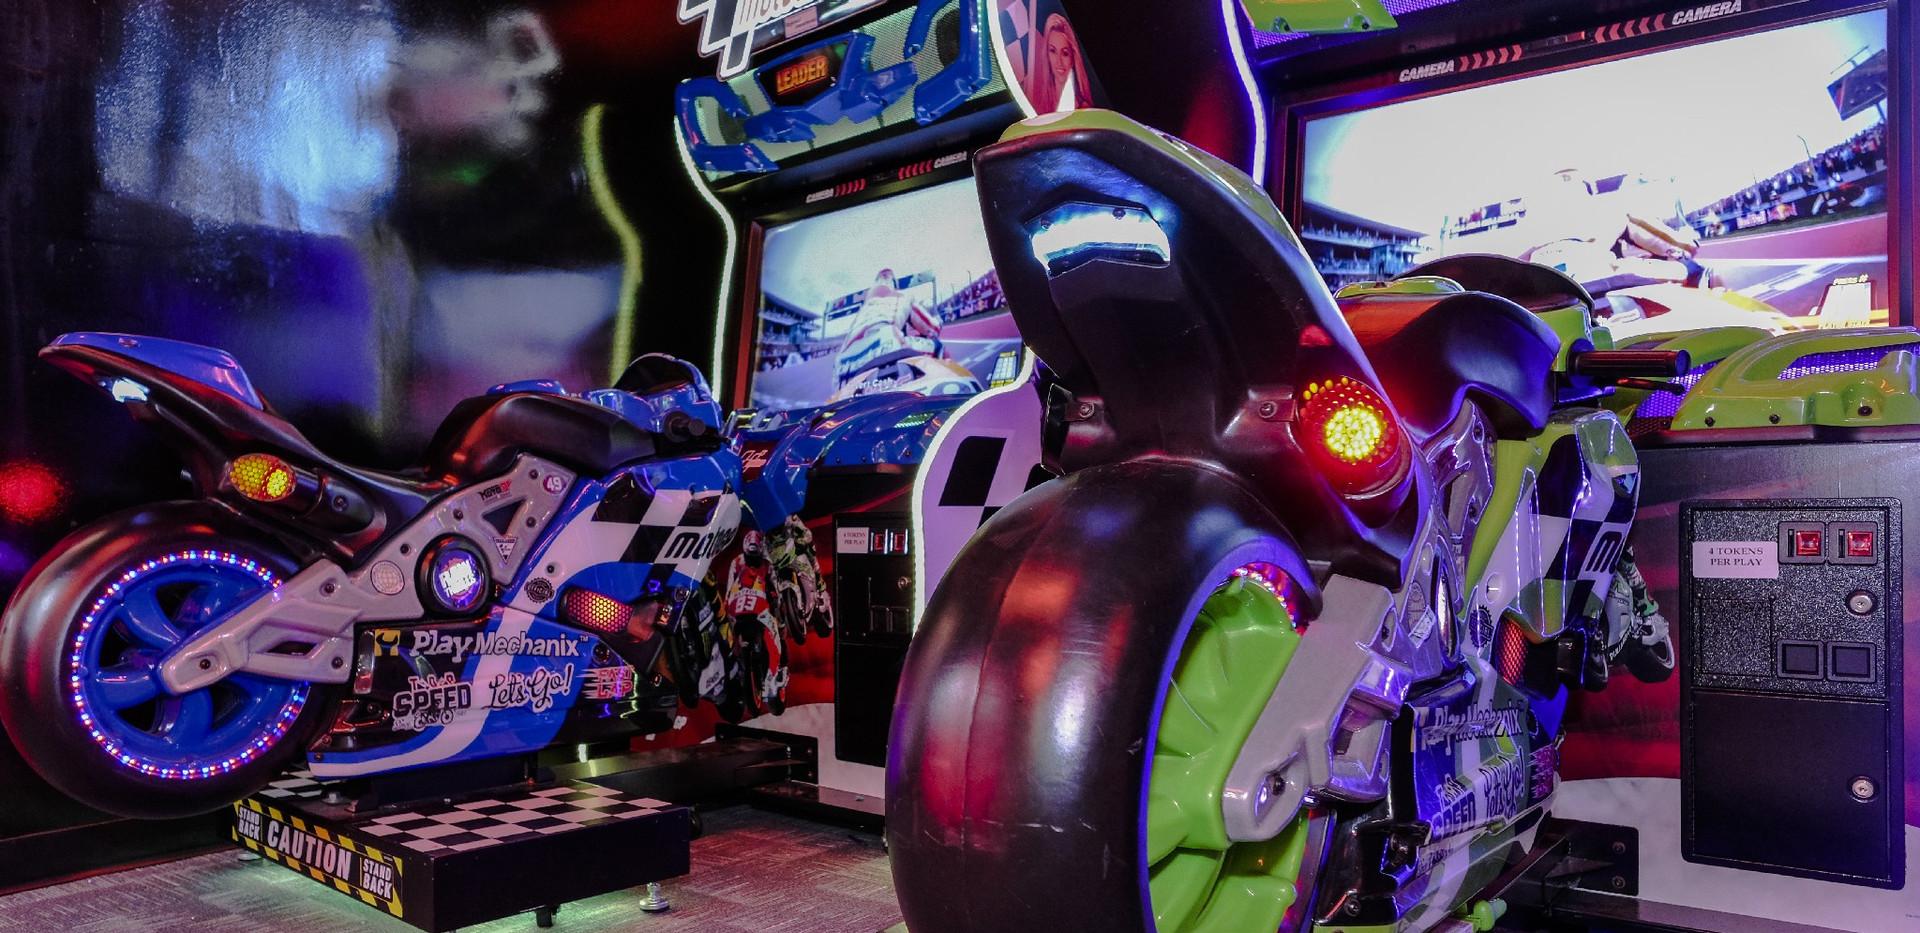 Bowling Center Arcade